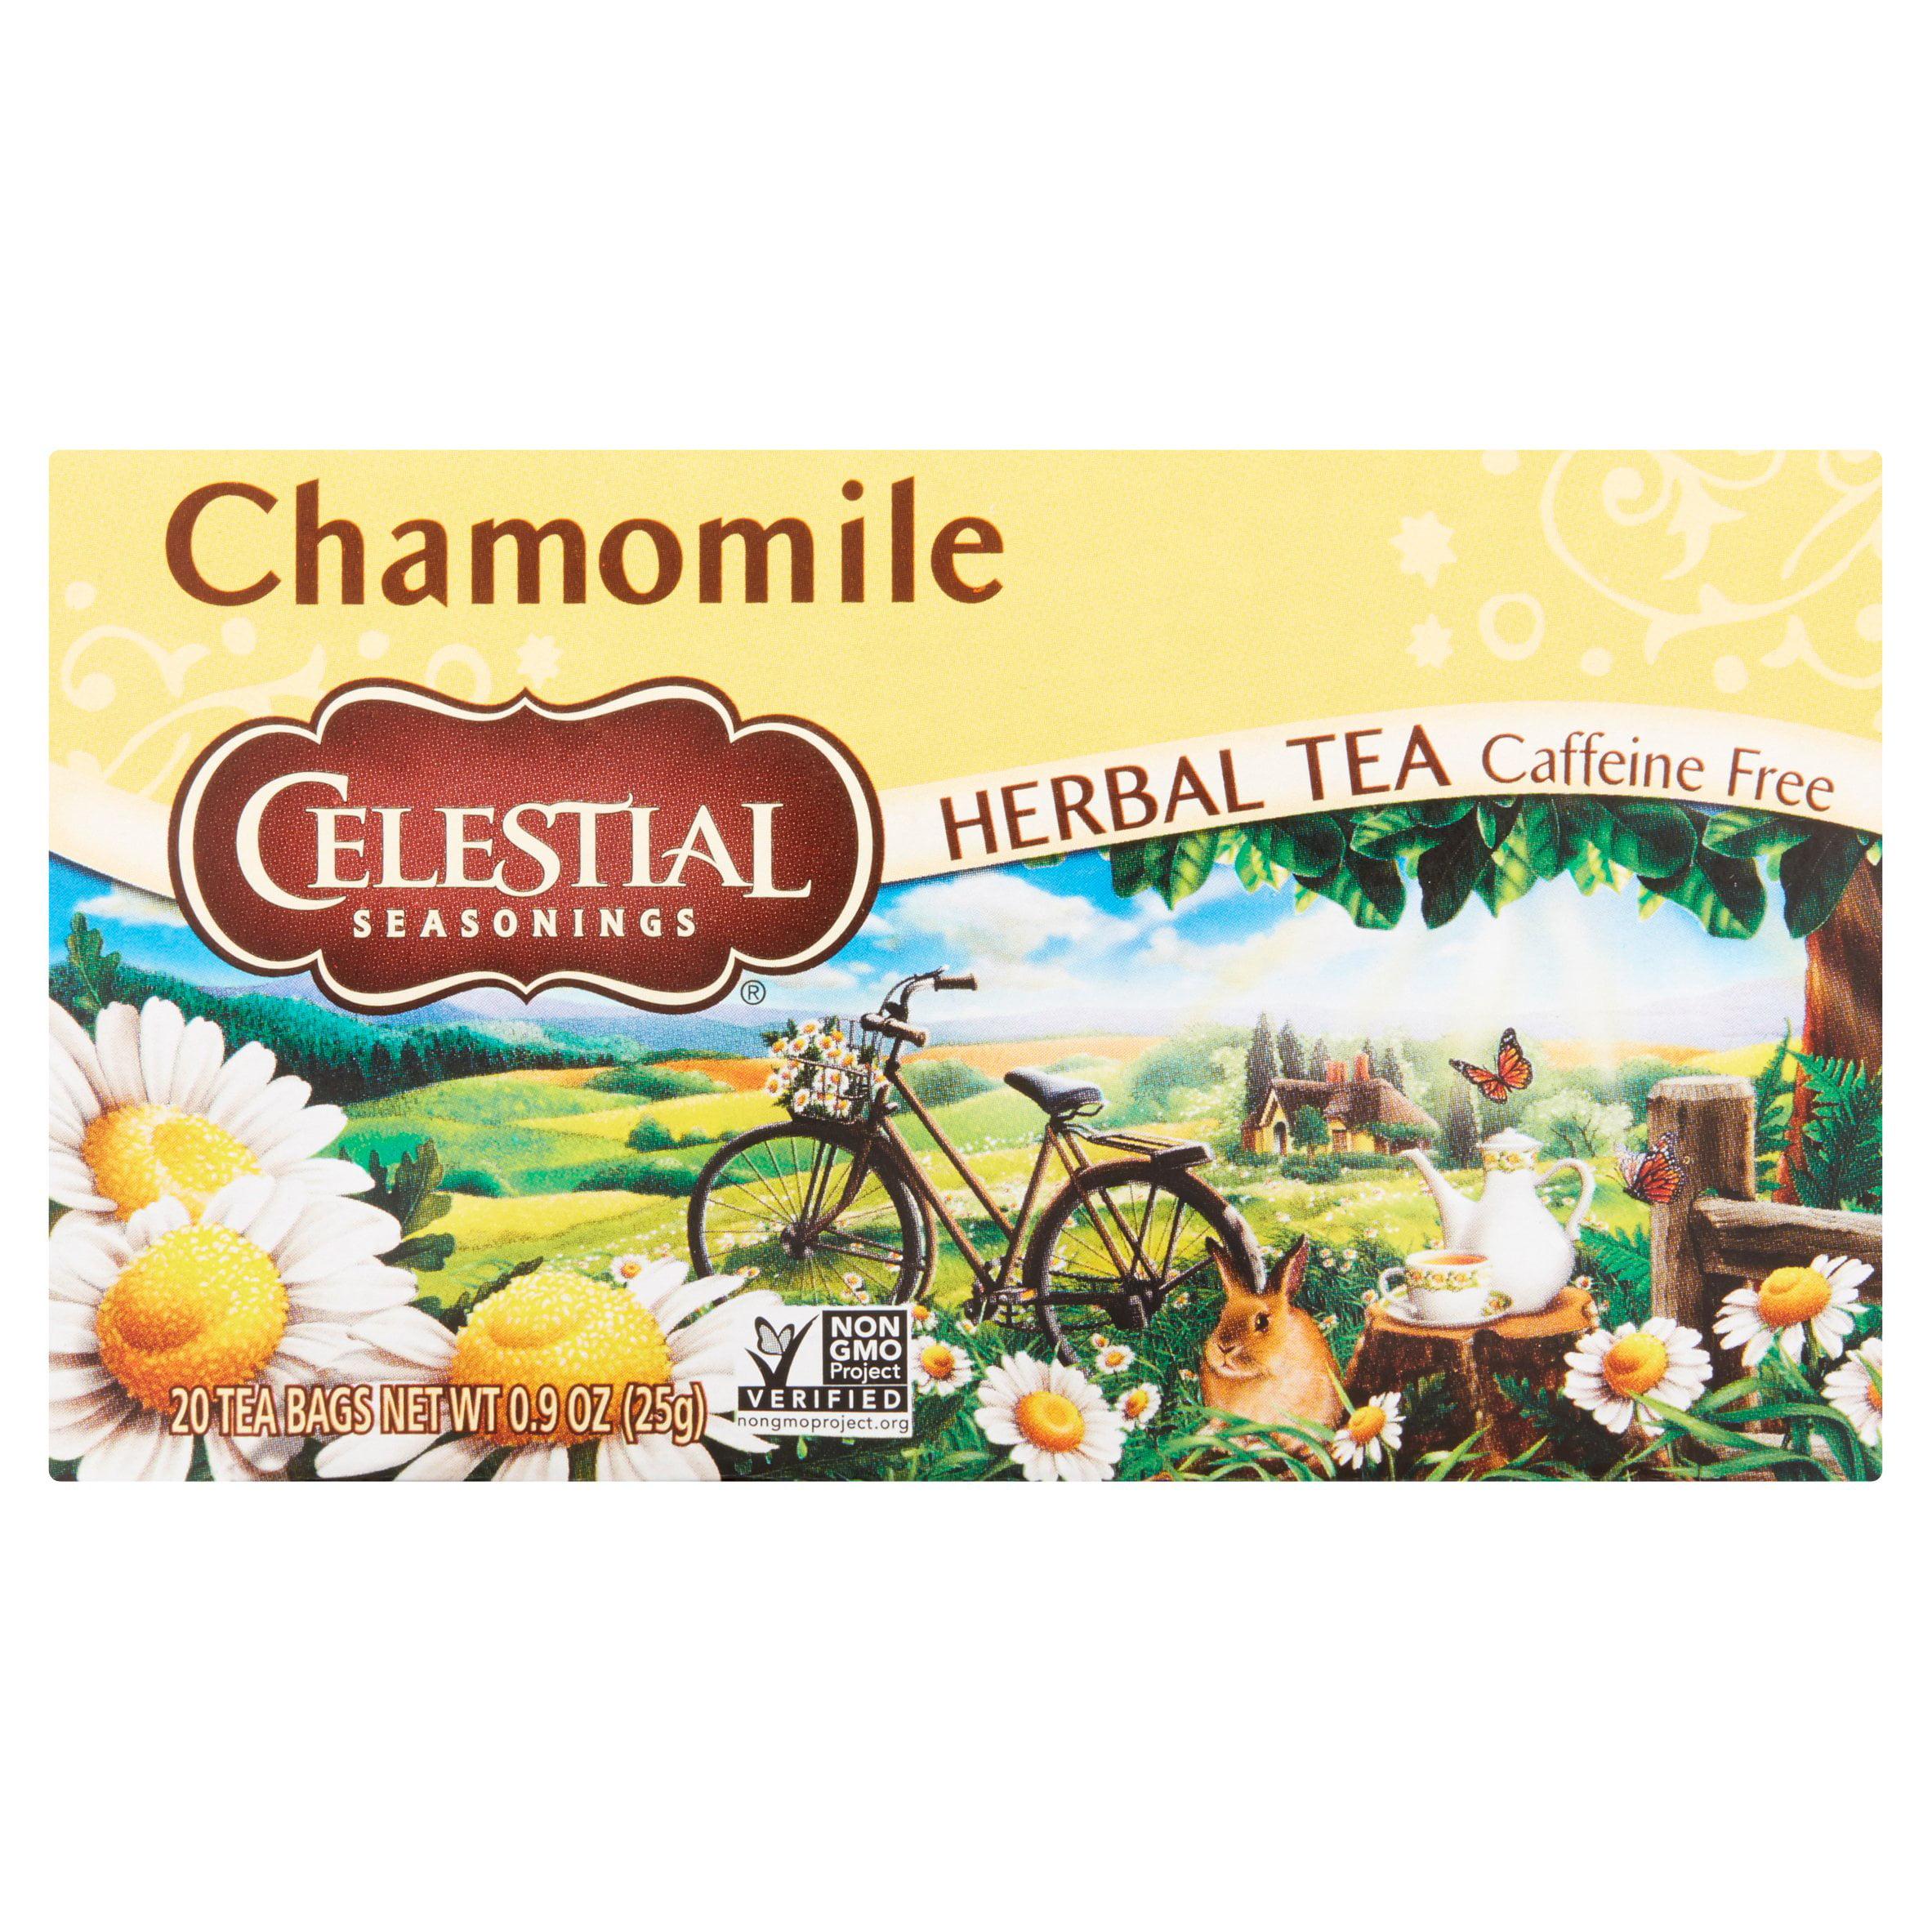 Celestetial Seasonings Chamomile Herbal Tea, 20 ct by Celestial Seasonings, Inc.